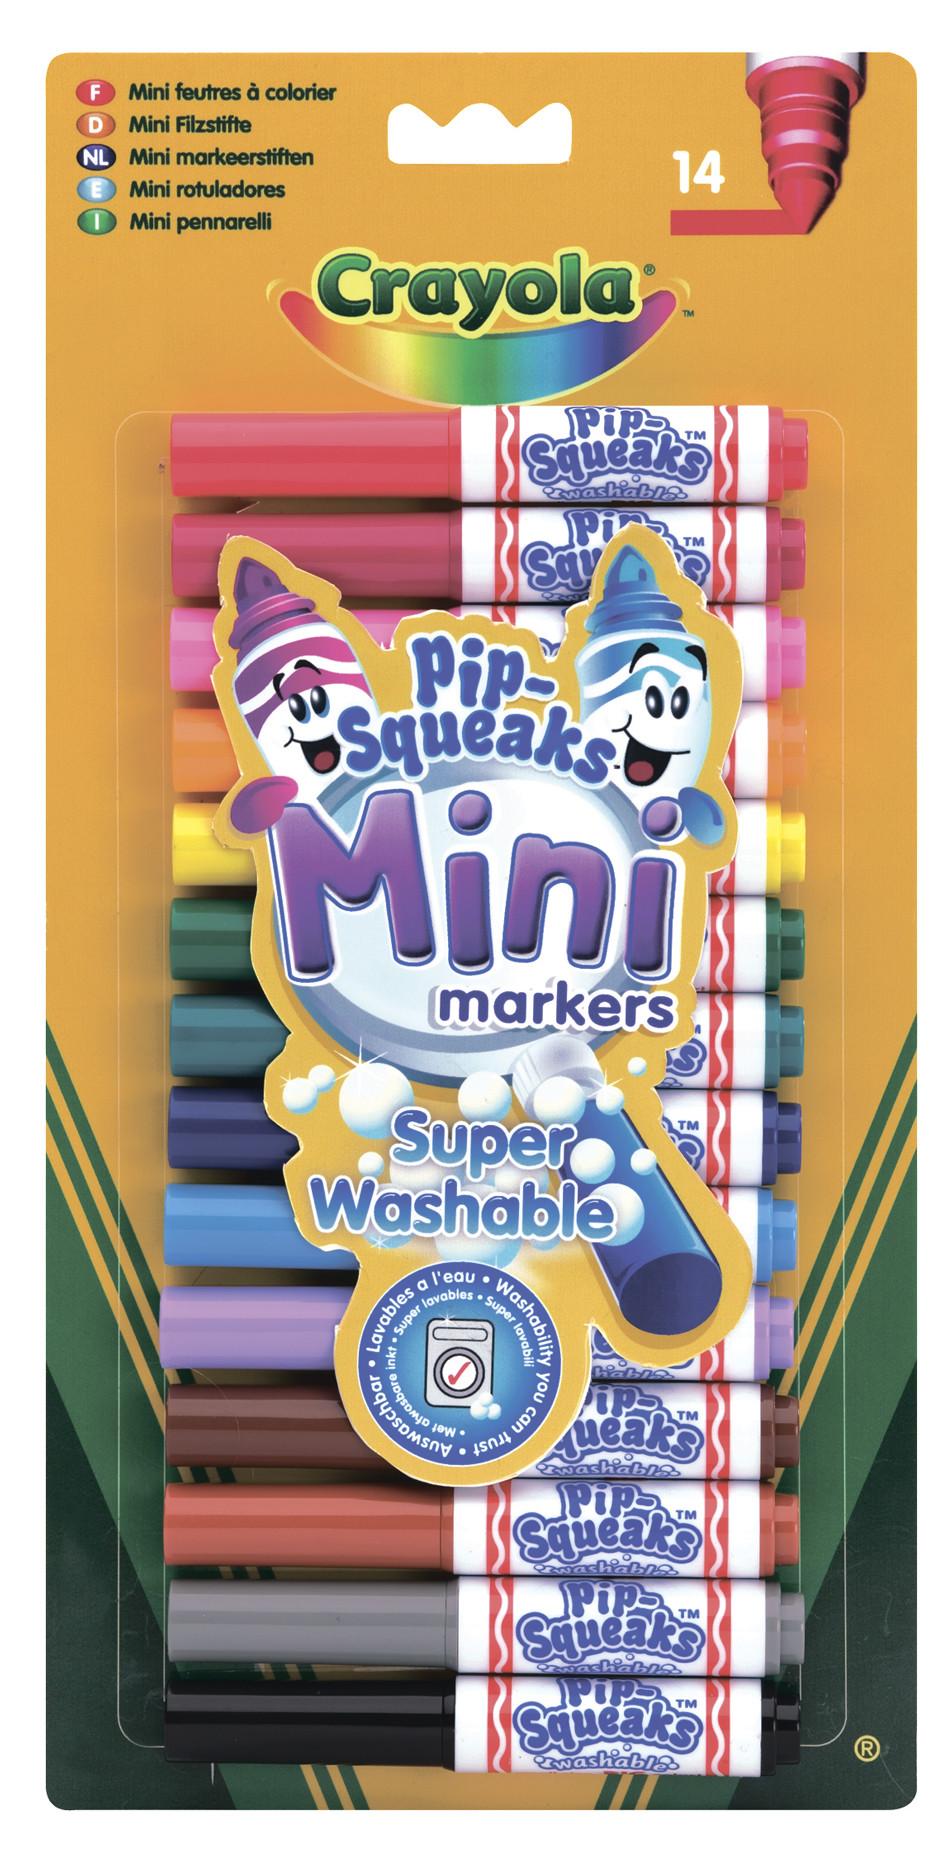 Канцелярия Crayola Смываемые мини-маркеров 14 шт. crayola набор из 14 смываемых мини маркеров crayola